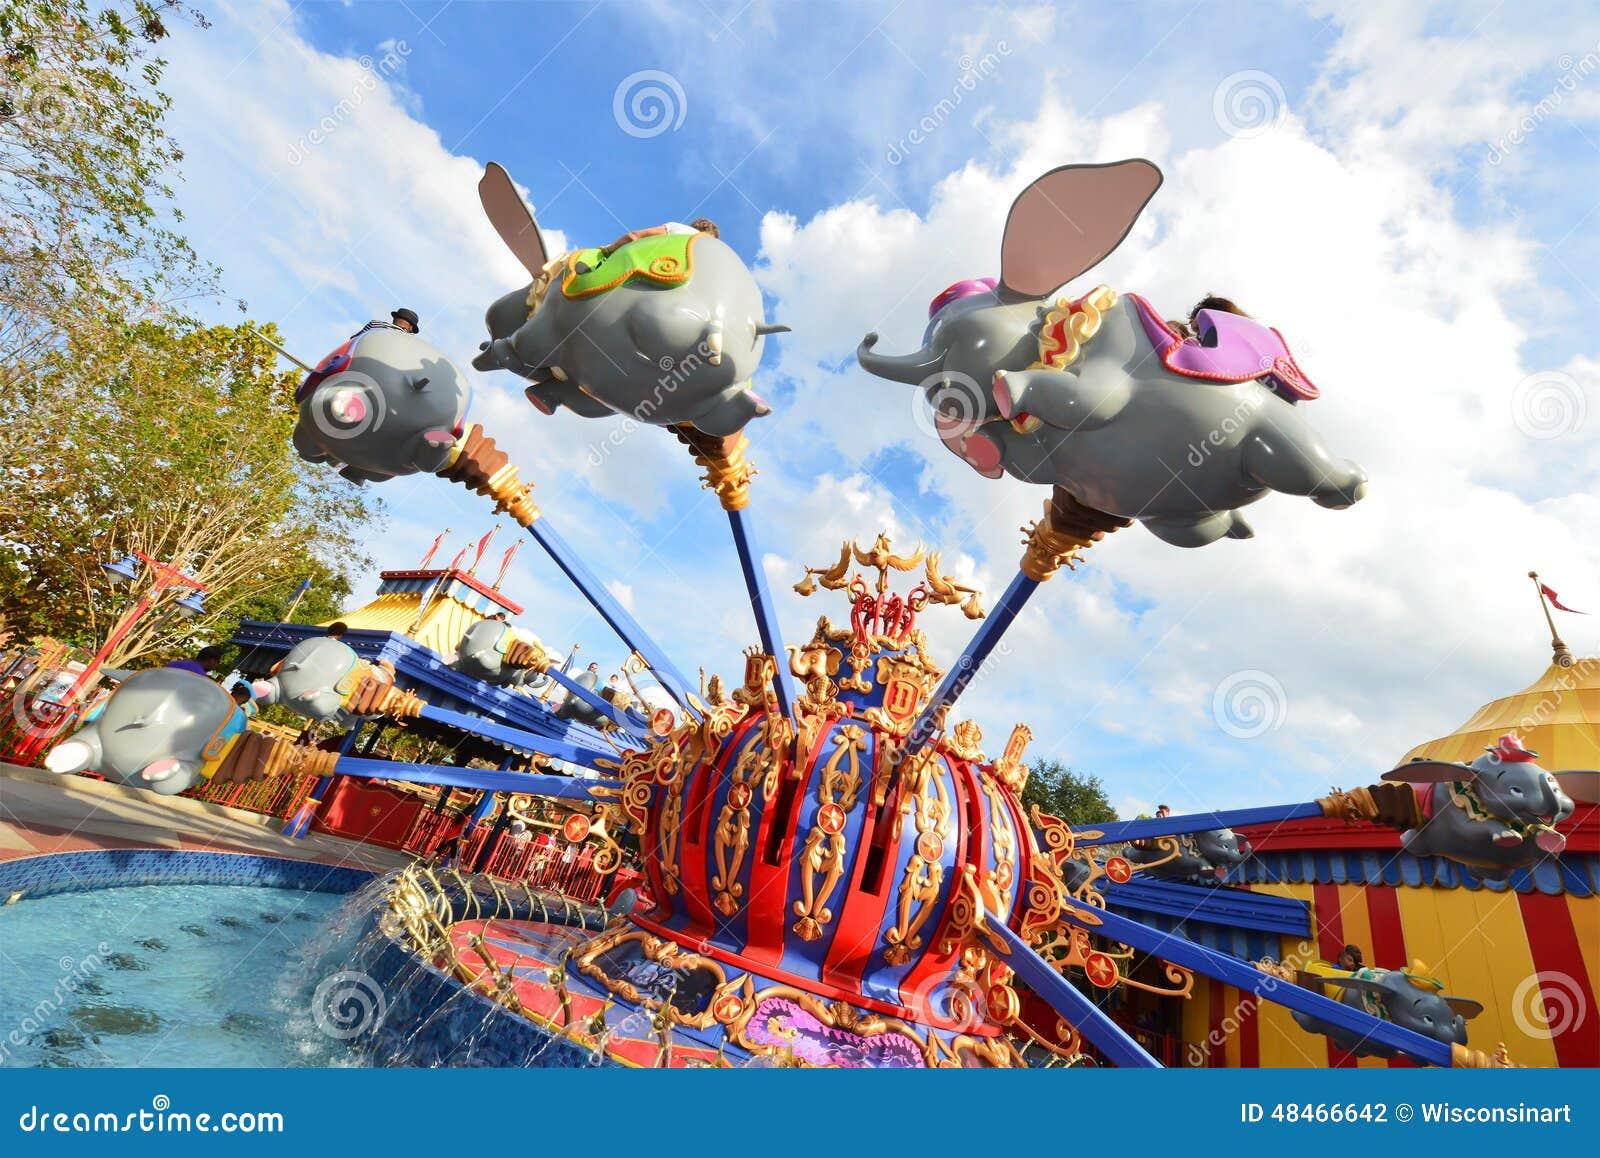 Tour d abruti de la Floride Traval du monde de Disney